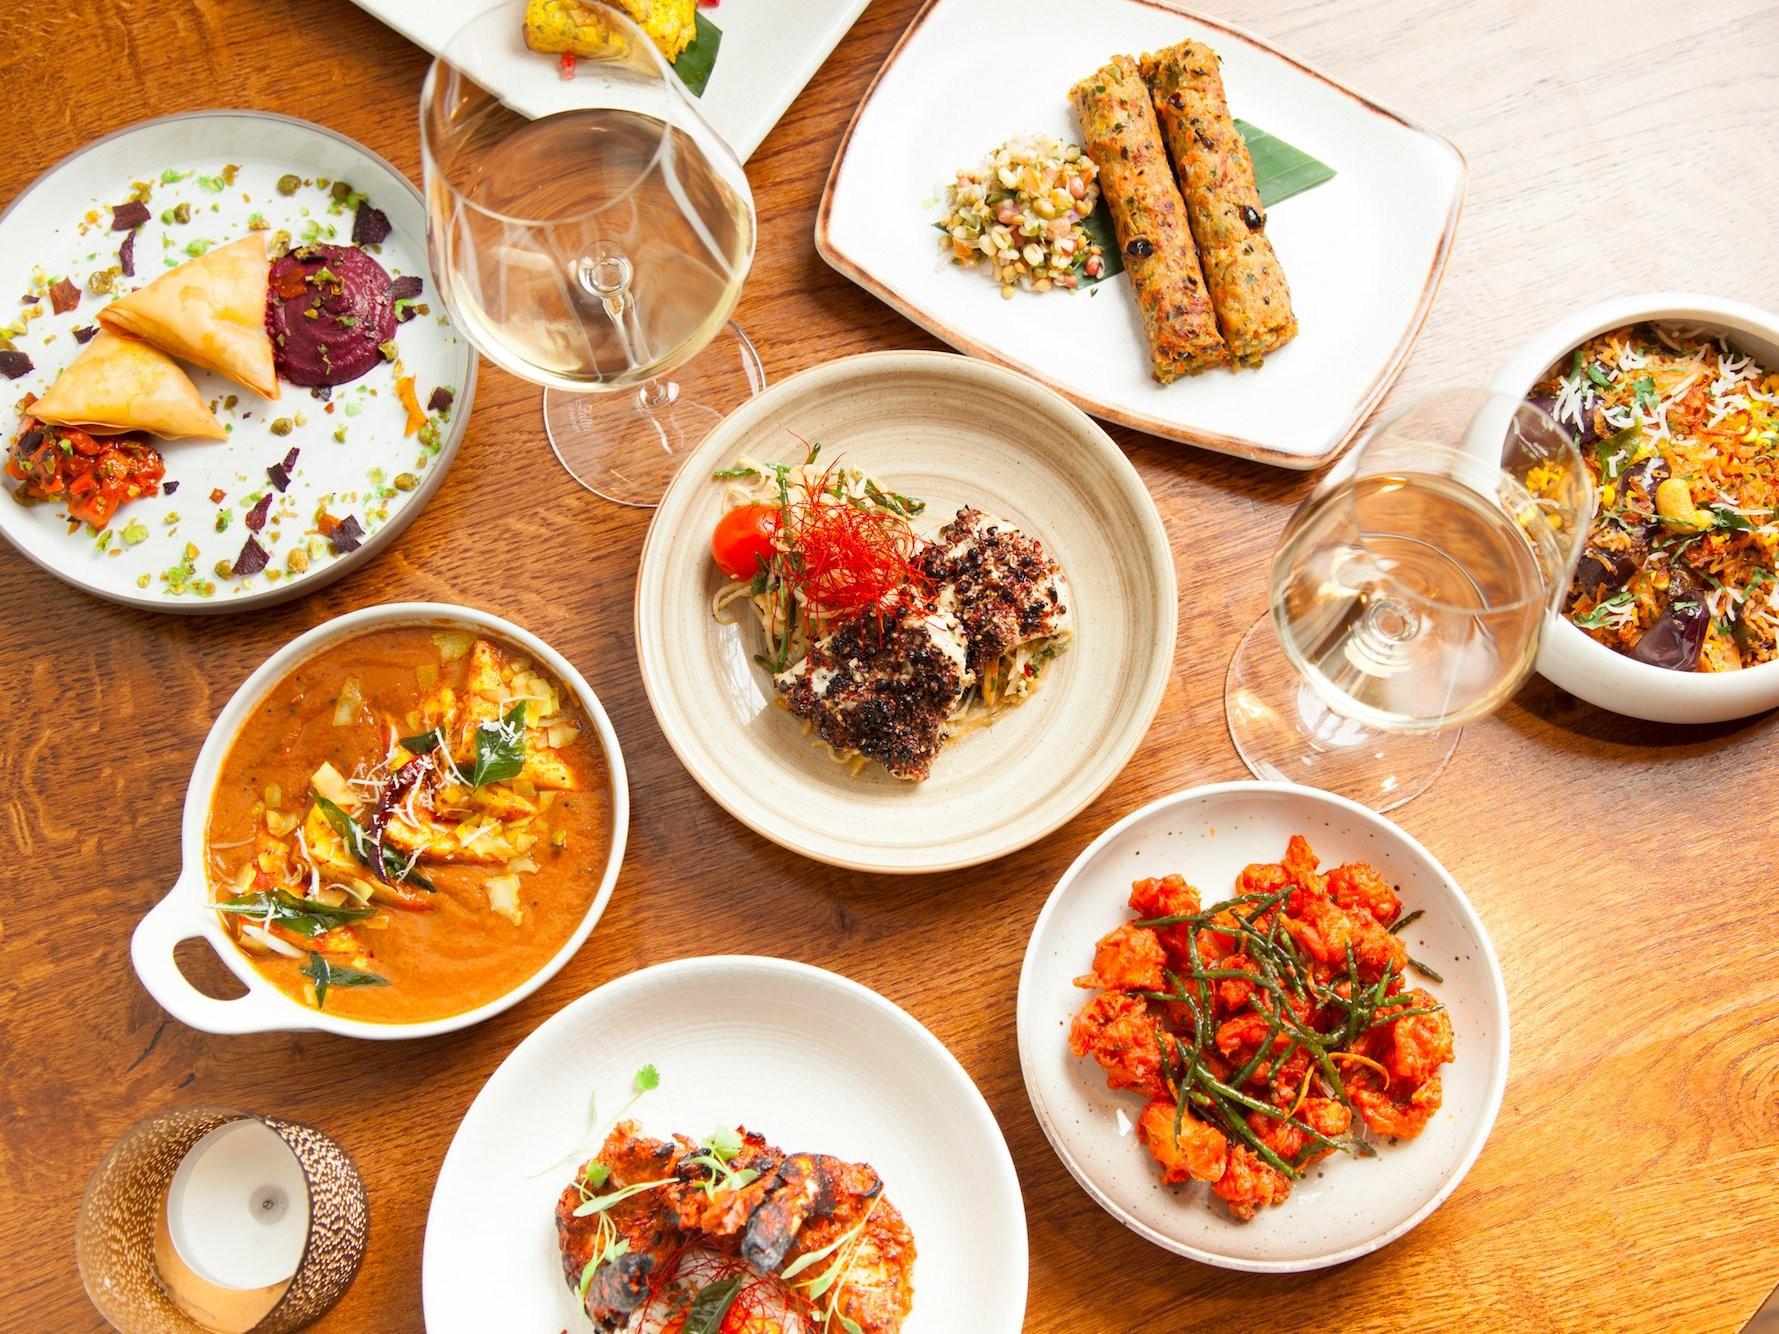 Cuisine De Micheline Inspirant Photographie Impressionnant De Bar De Cuisine Conception Idées De Table top Plans